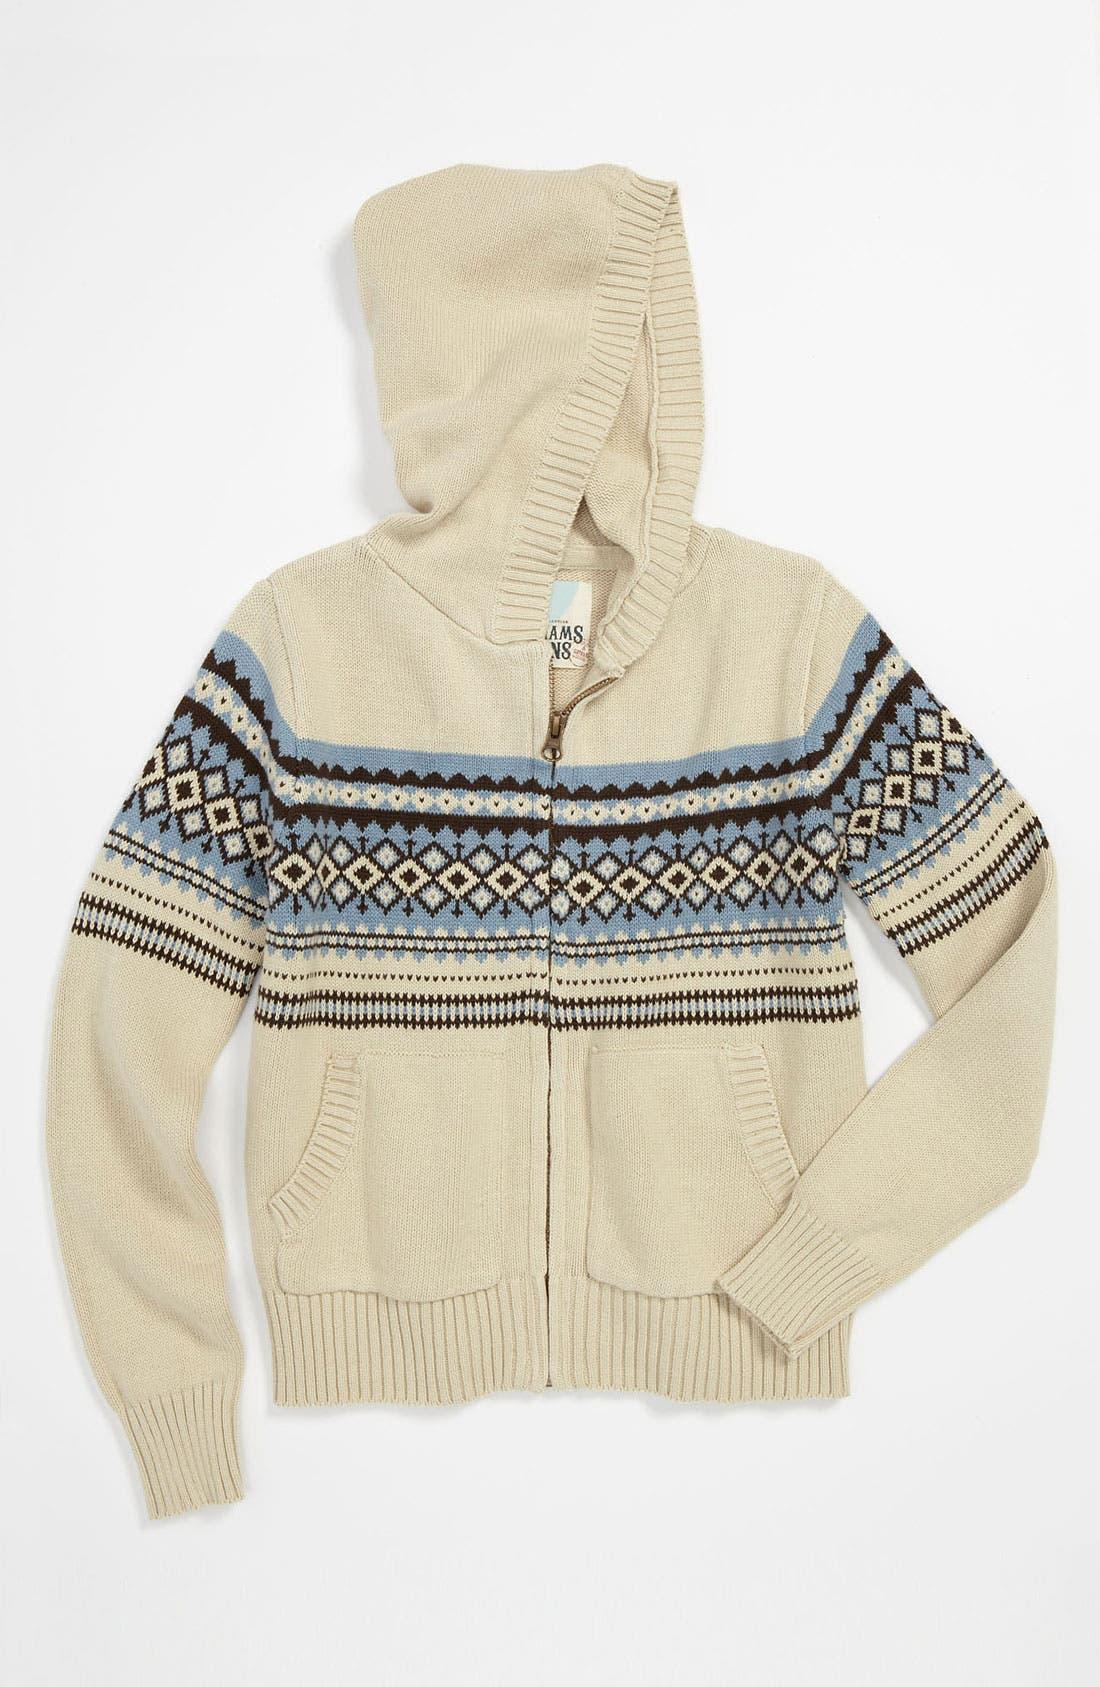 Alternate Image 1 Selected - Peek 'Fair Isle' Knit Hoodie (Toddler, Little Boys & Big Boys)